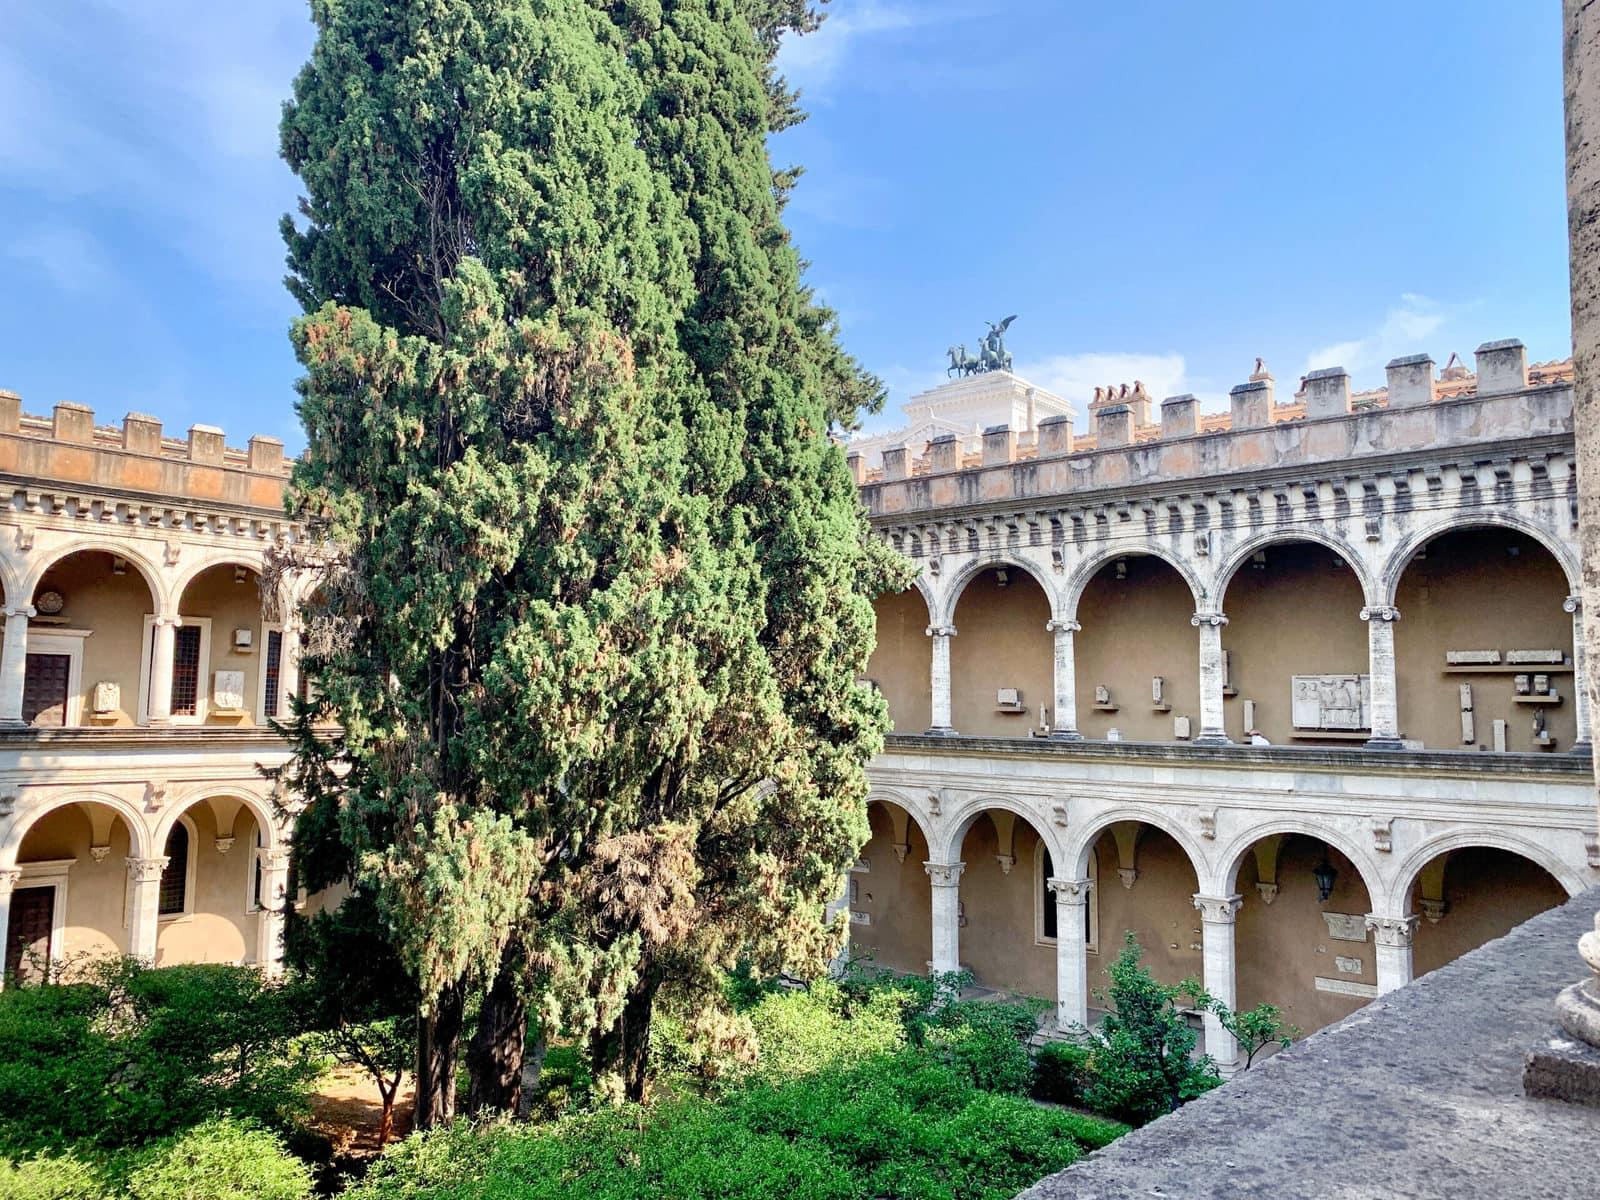 Innenhof des Palazzo Venezia, Rom